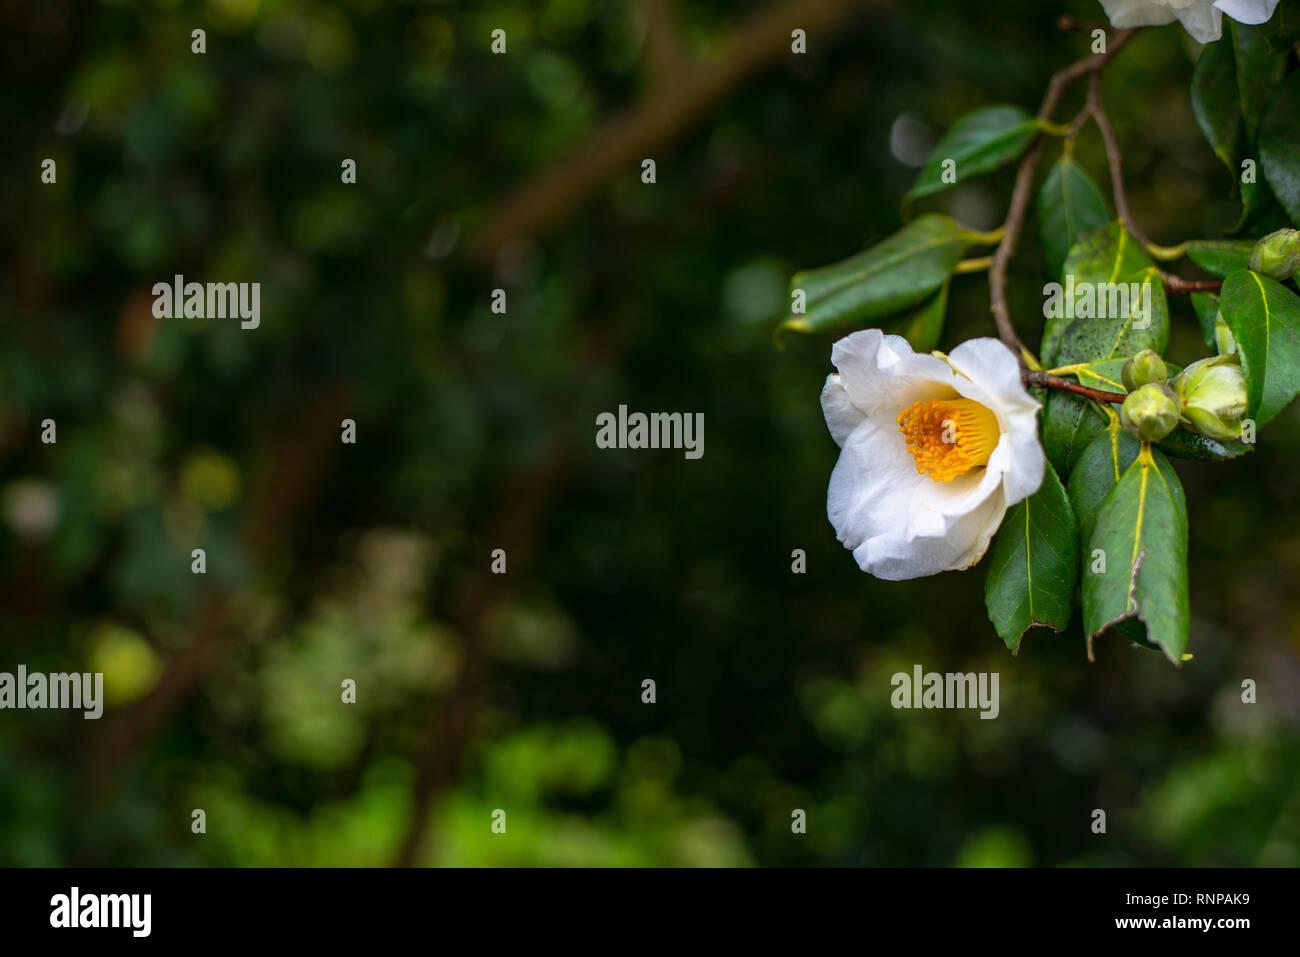 White camellia fiore sul ramo di albero Immagini Stock